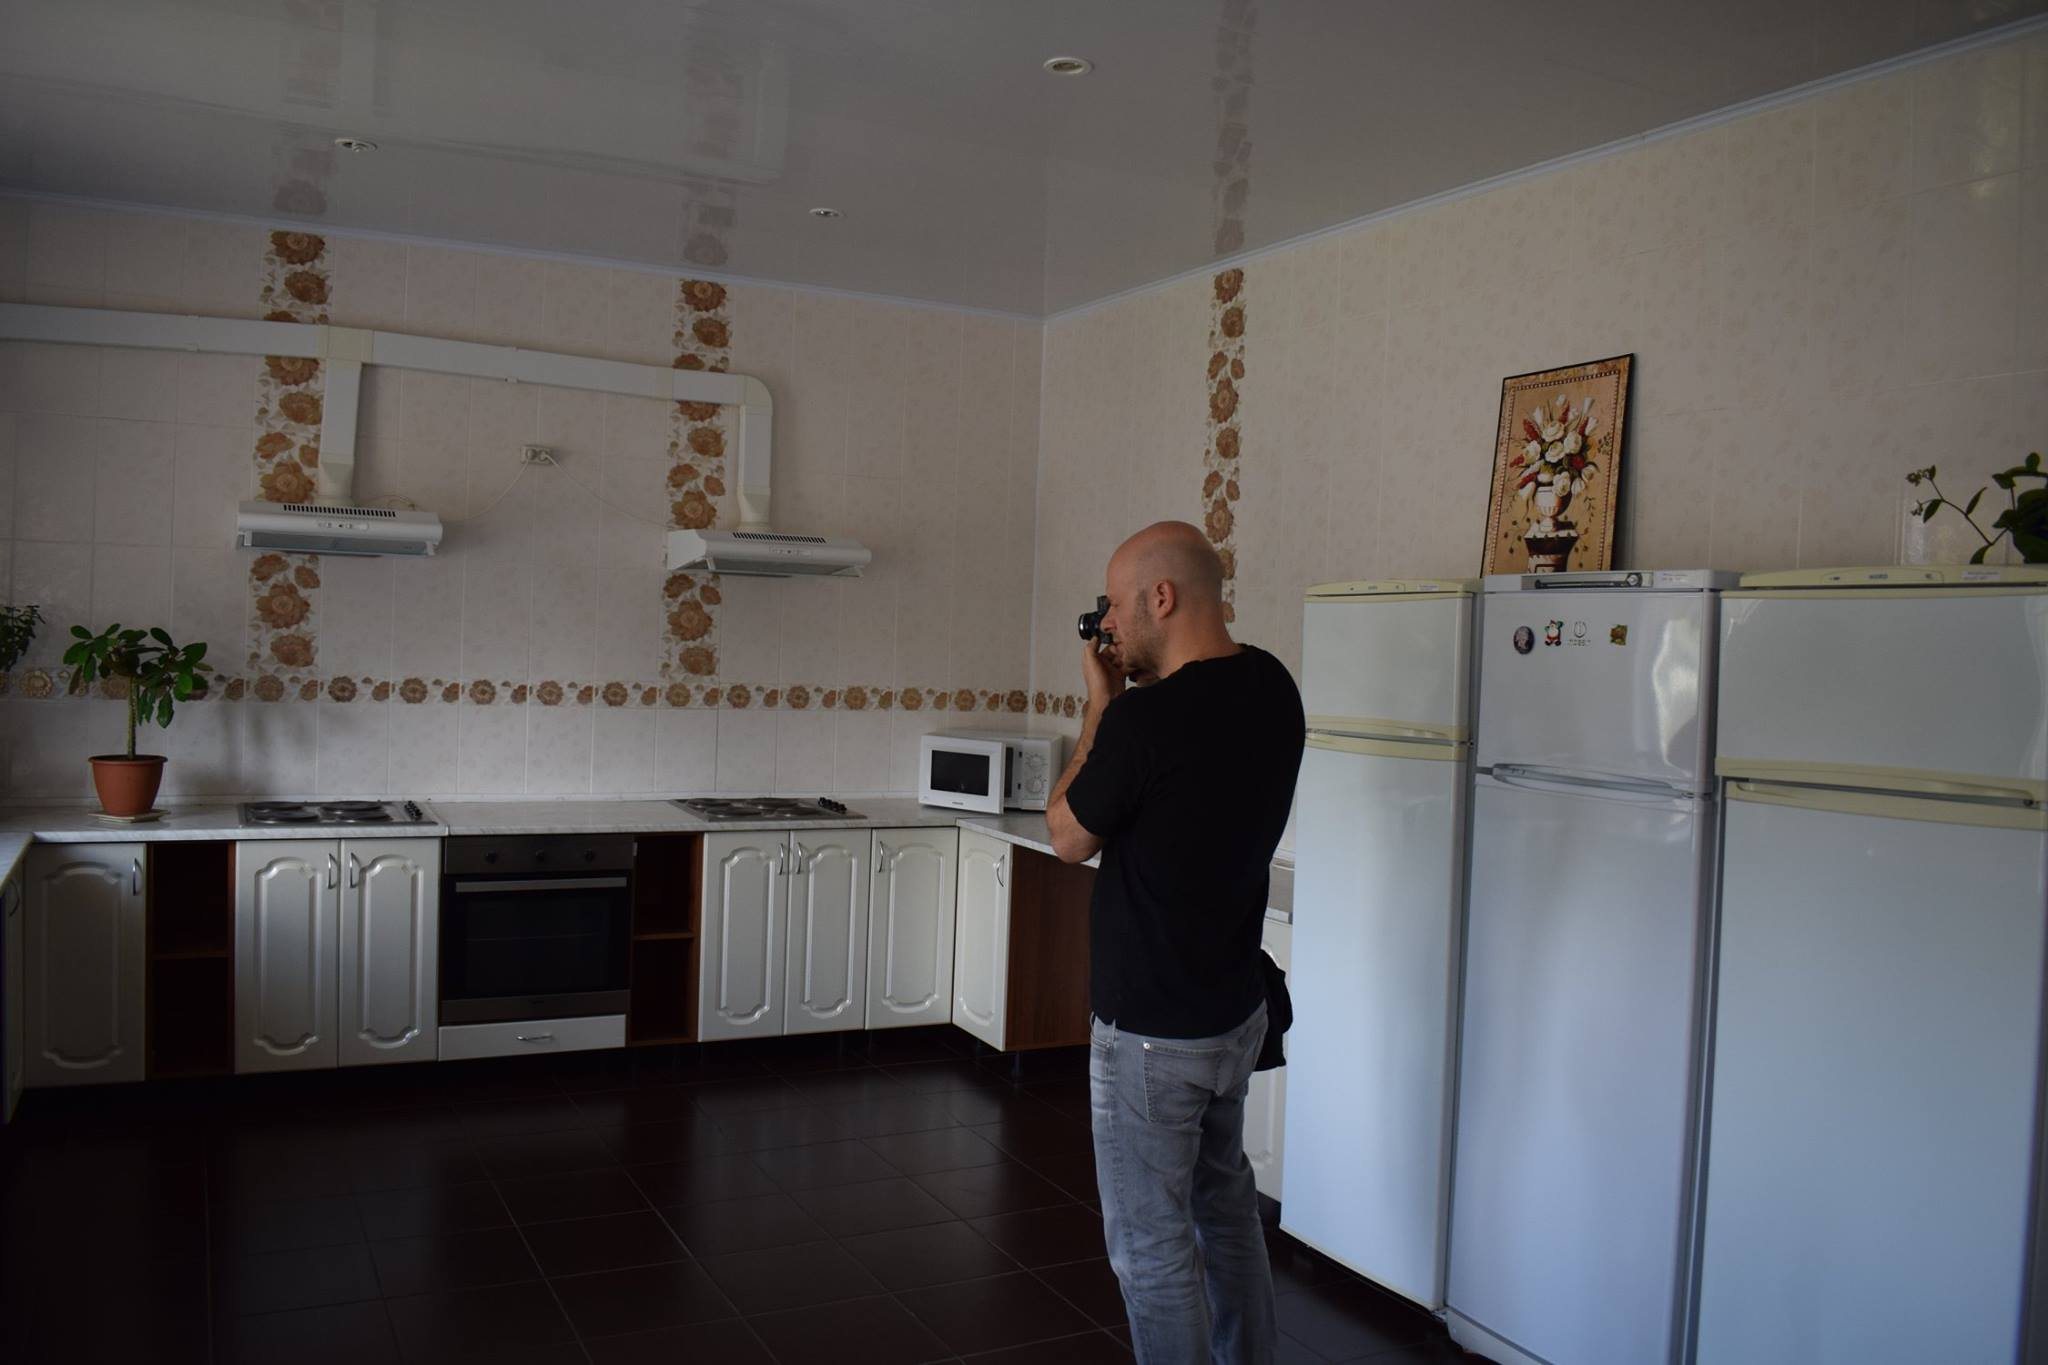 Михайло Фридман відвідав Кам'янську колонію №34 в рамках авторського фотопроекту